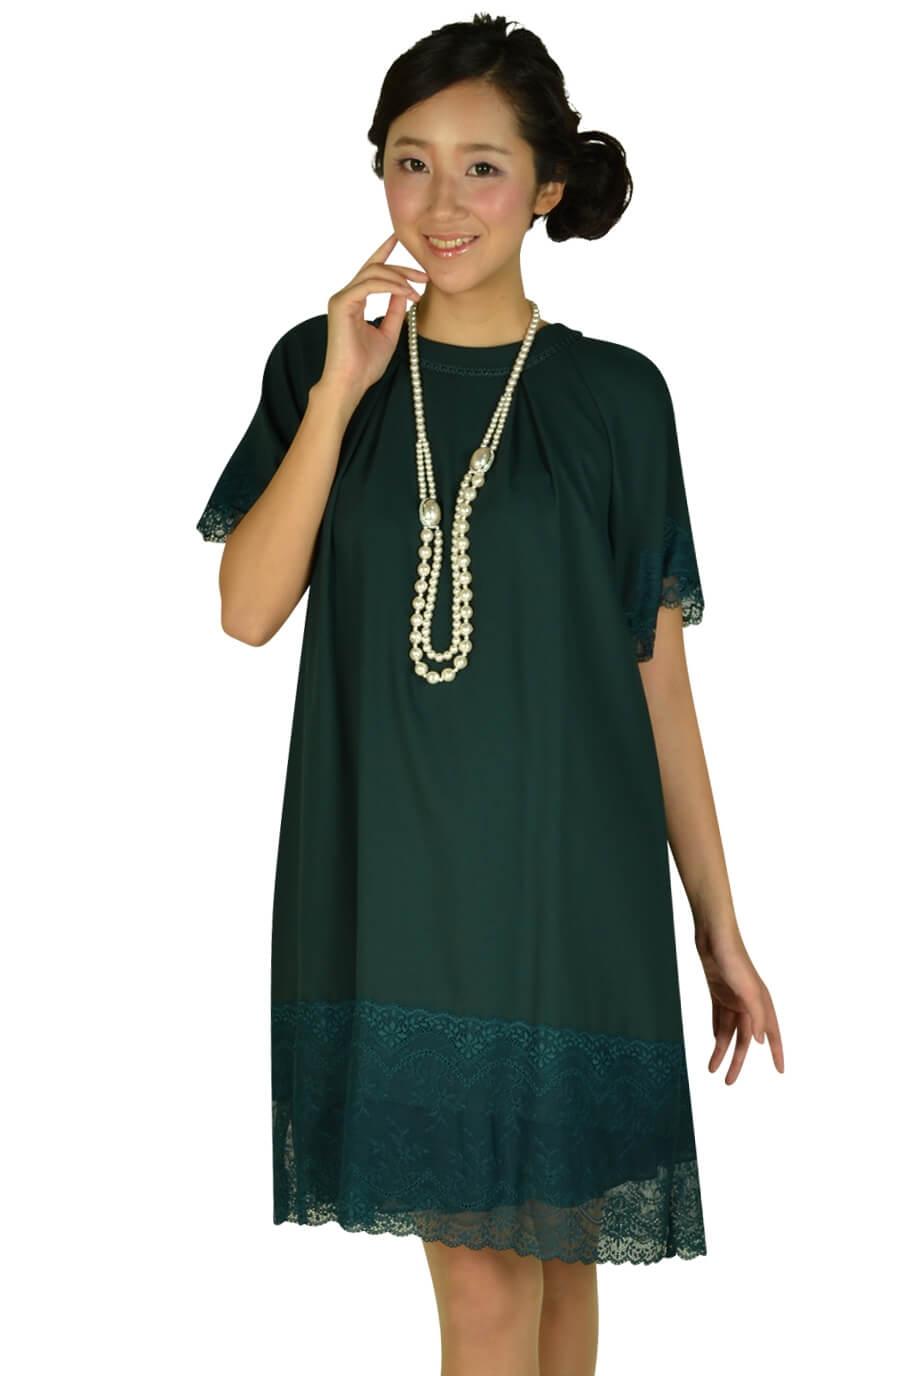 イエナ スローブ (IENA SLOBE)袖付きグリーンレースドレス